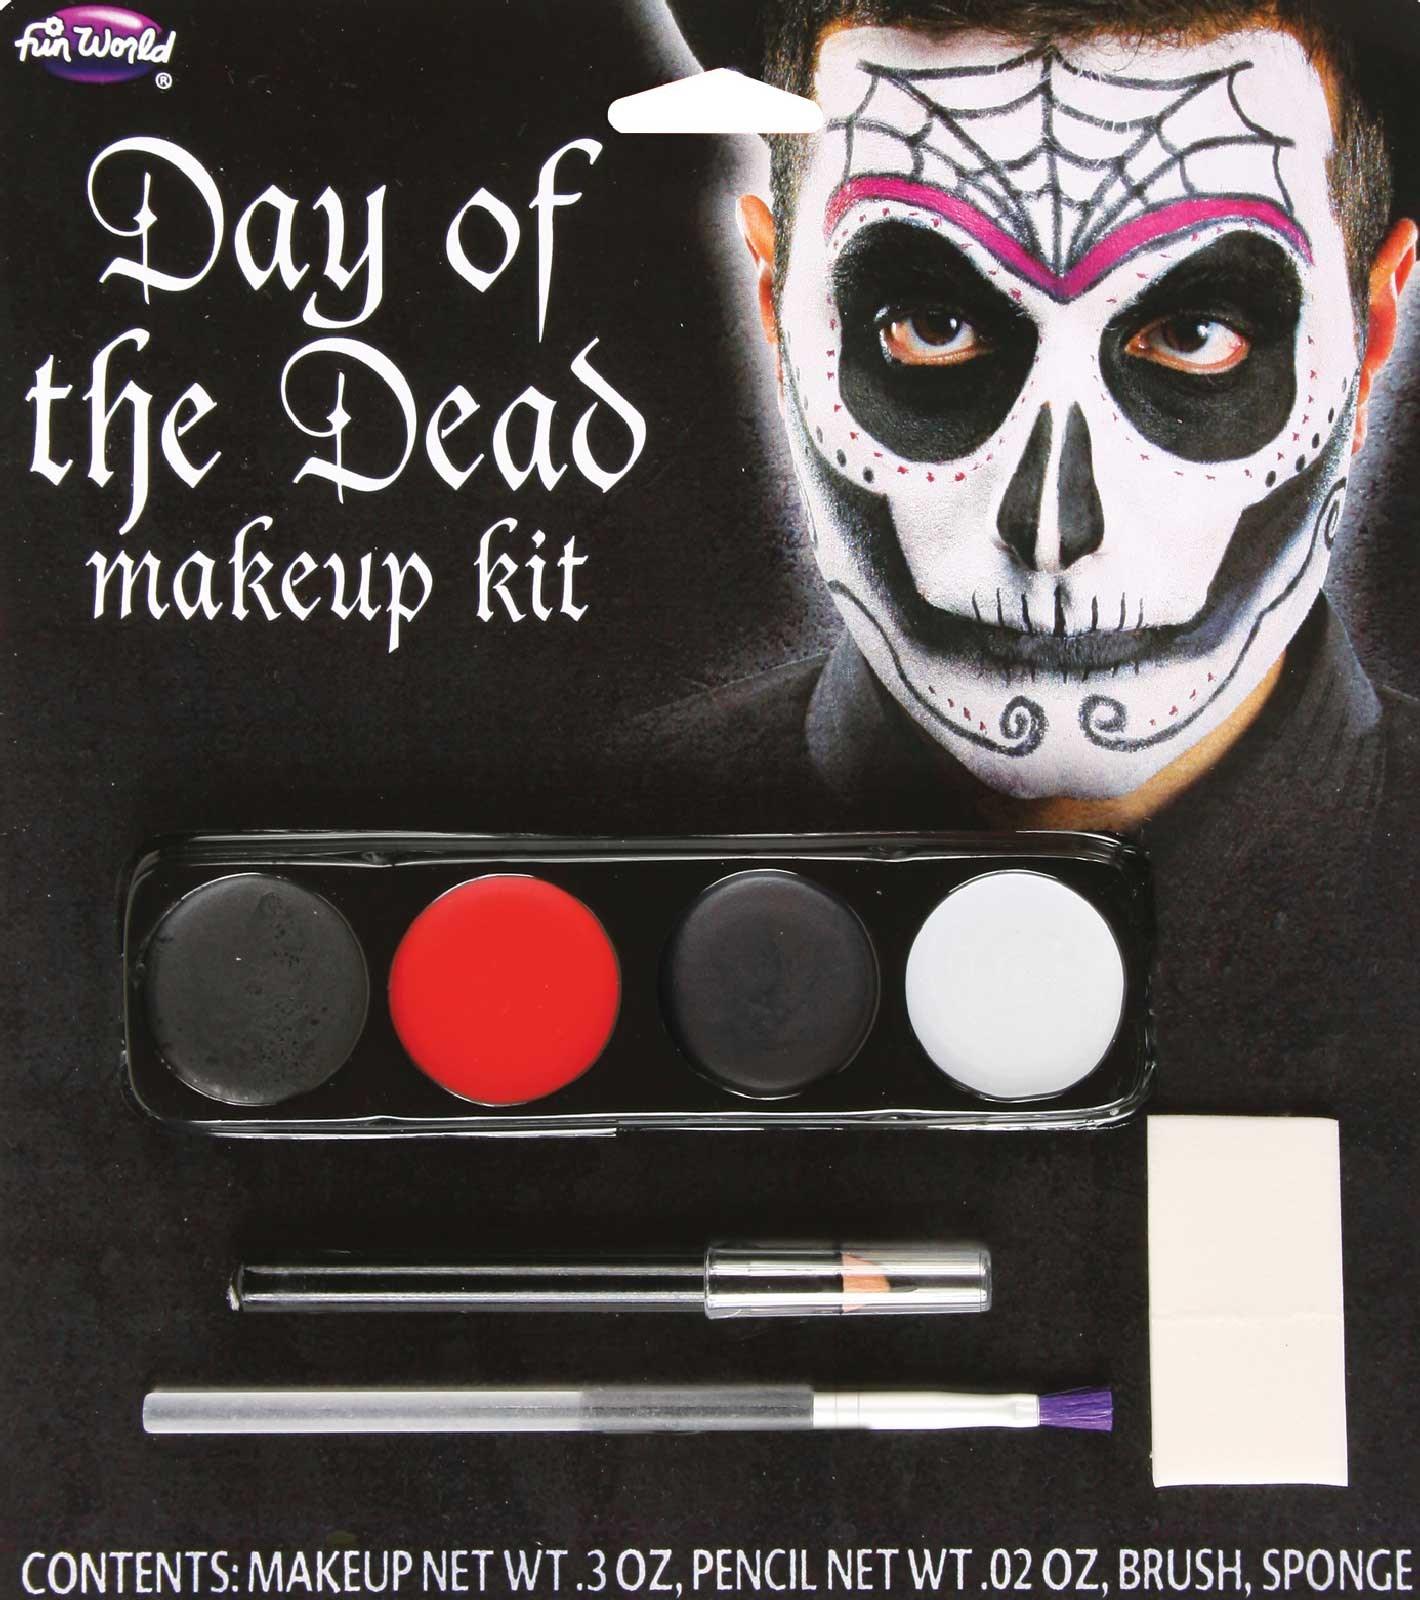 The Dead Mens Makeup Kit